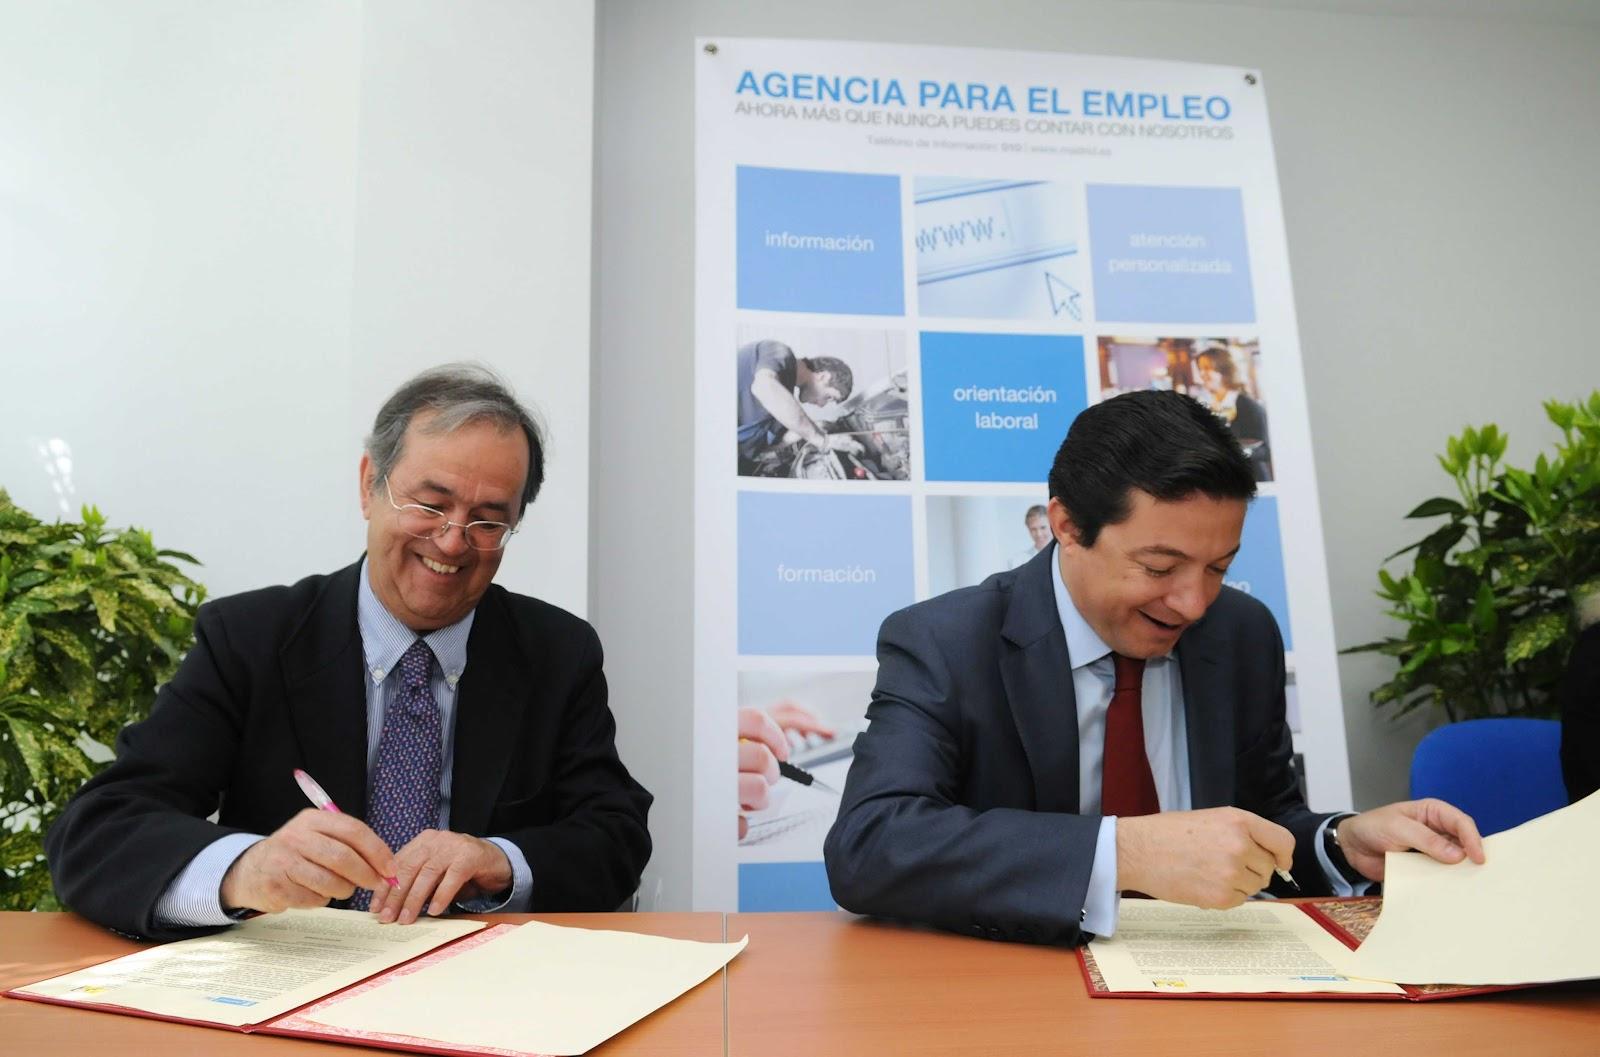 La agencia de empleo de madrid ayudar a buscar empleo a for Agencia de empleo madrid